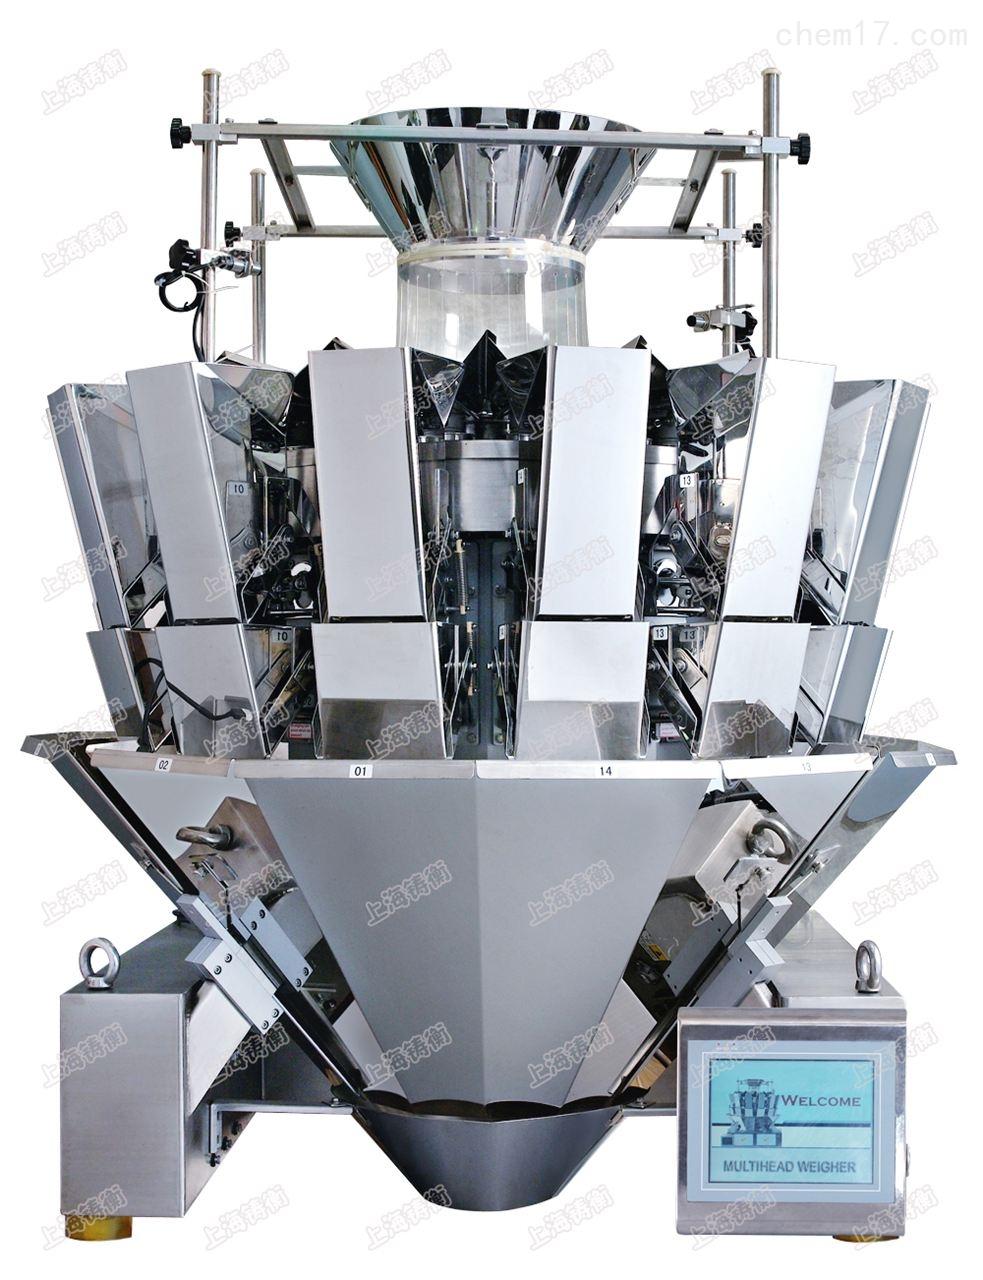 高精度电脑组合秤厂家自销包装设备电子秤